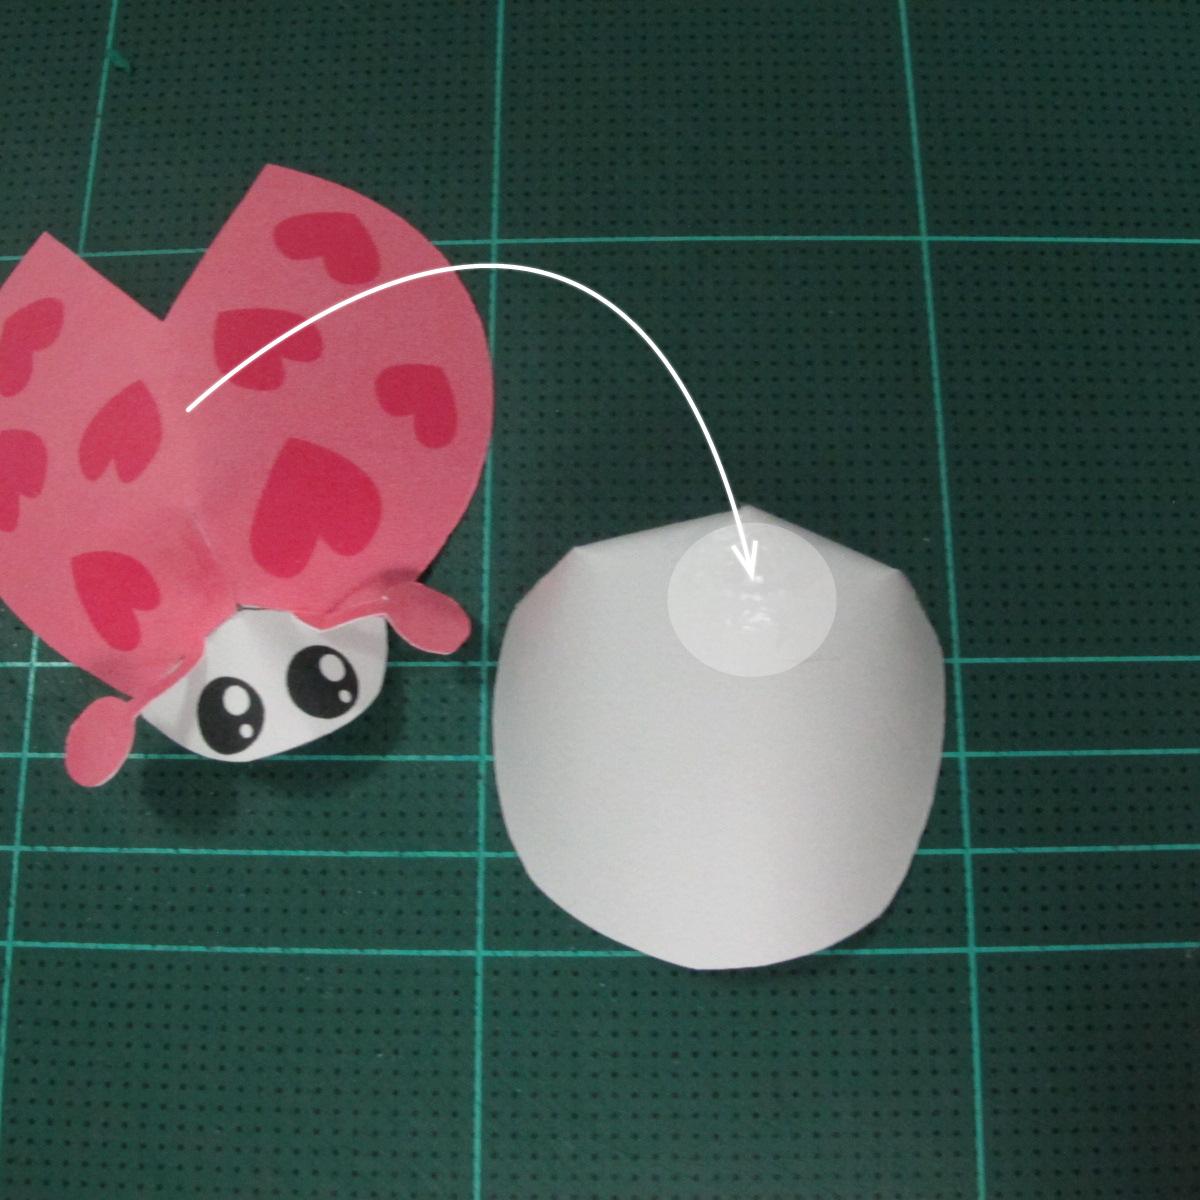 วิธีทำโมเดลกระดาษรูปเต่าทองแบบง่ายๆ (Easy Ladybug Papercraft Model) 009